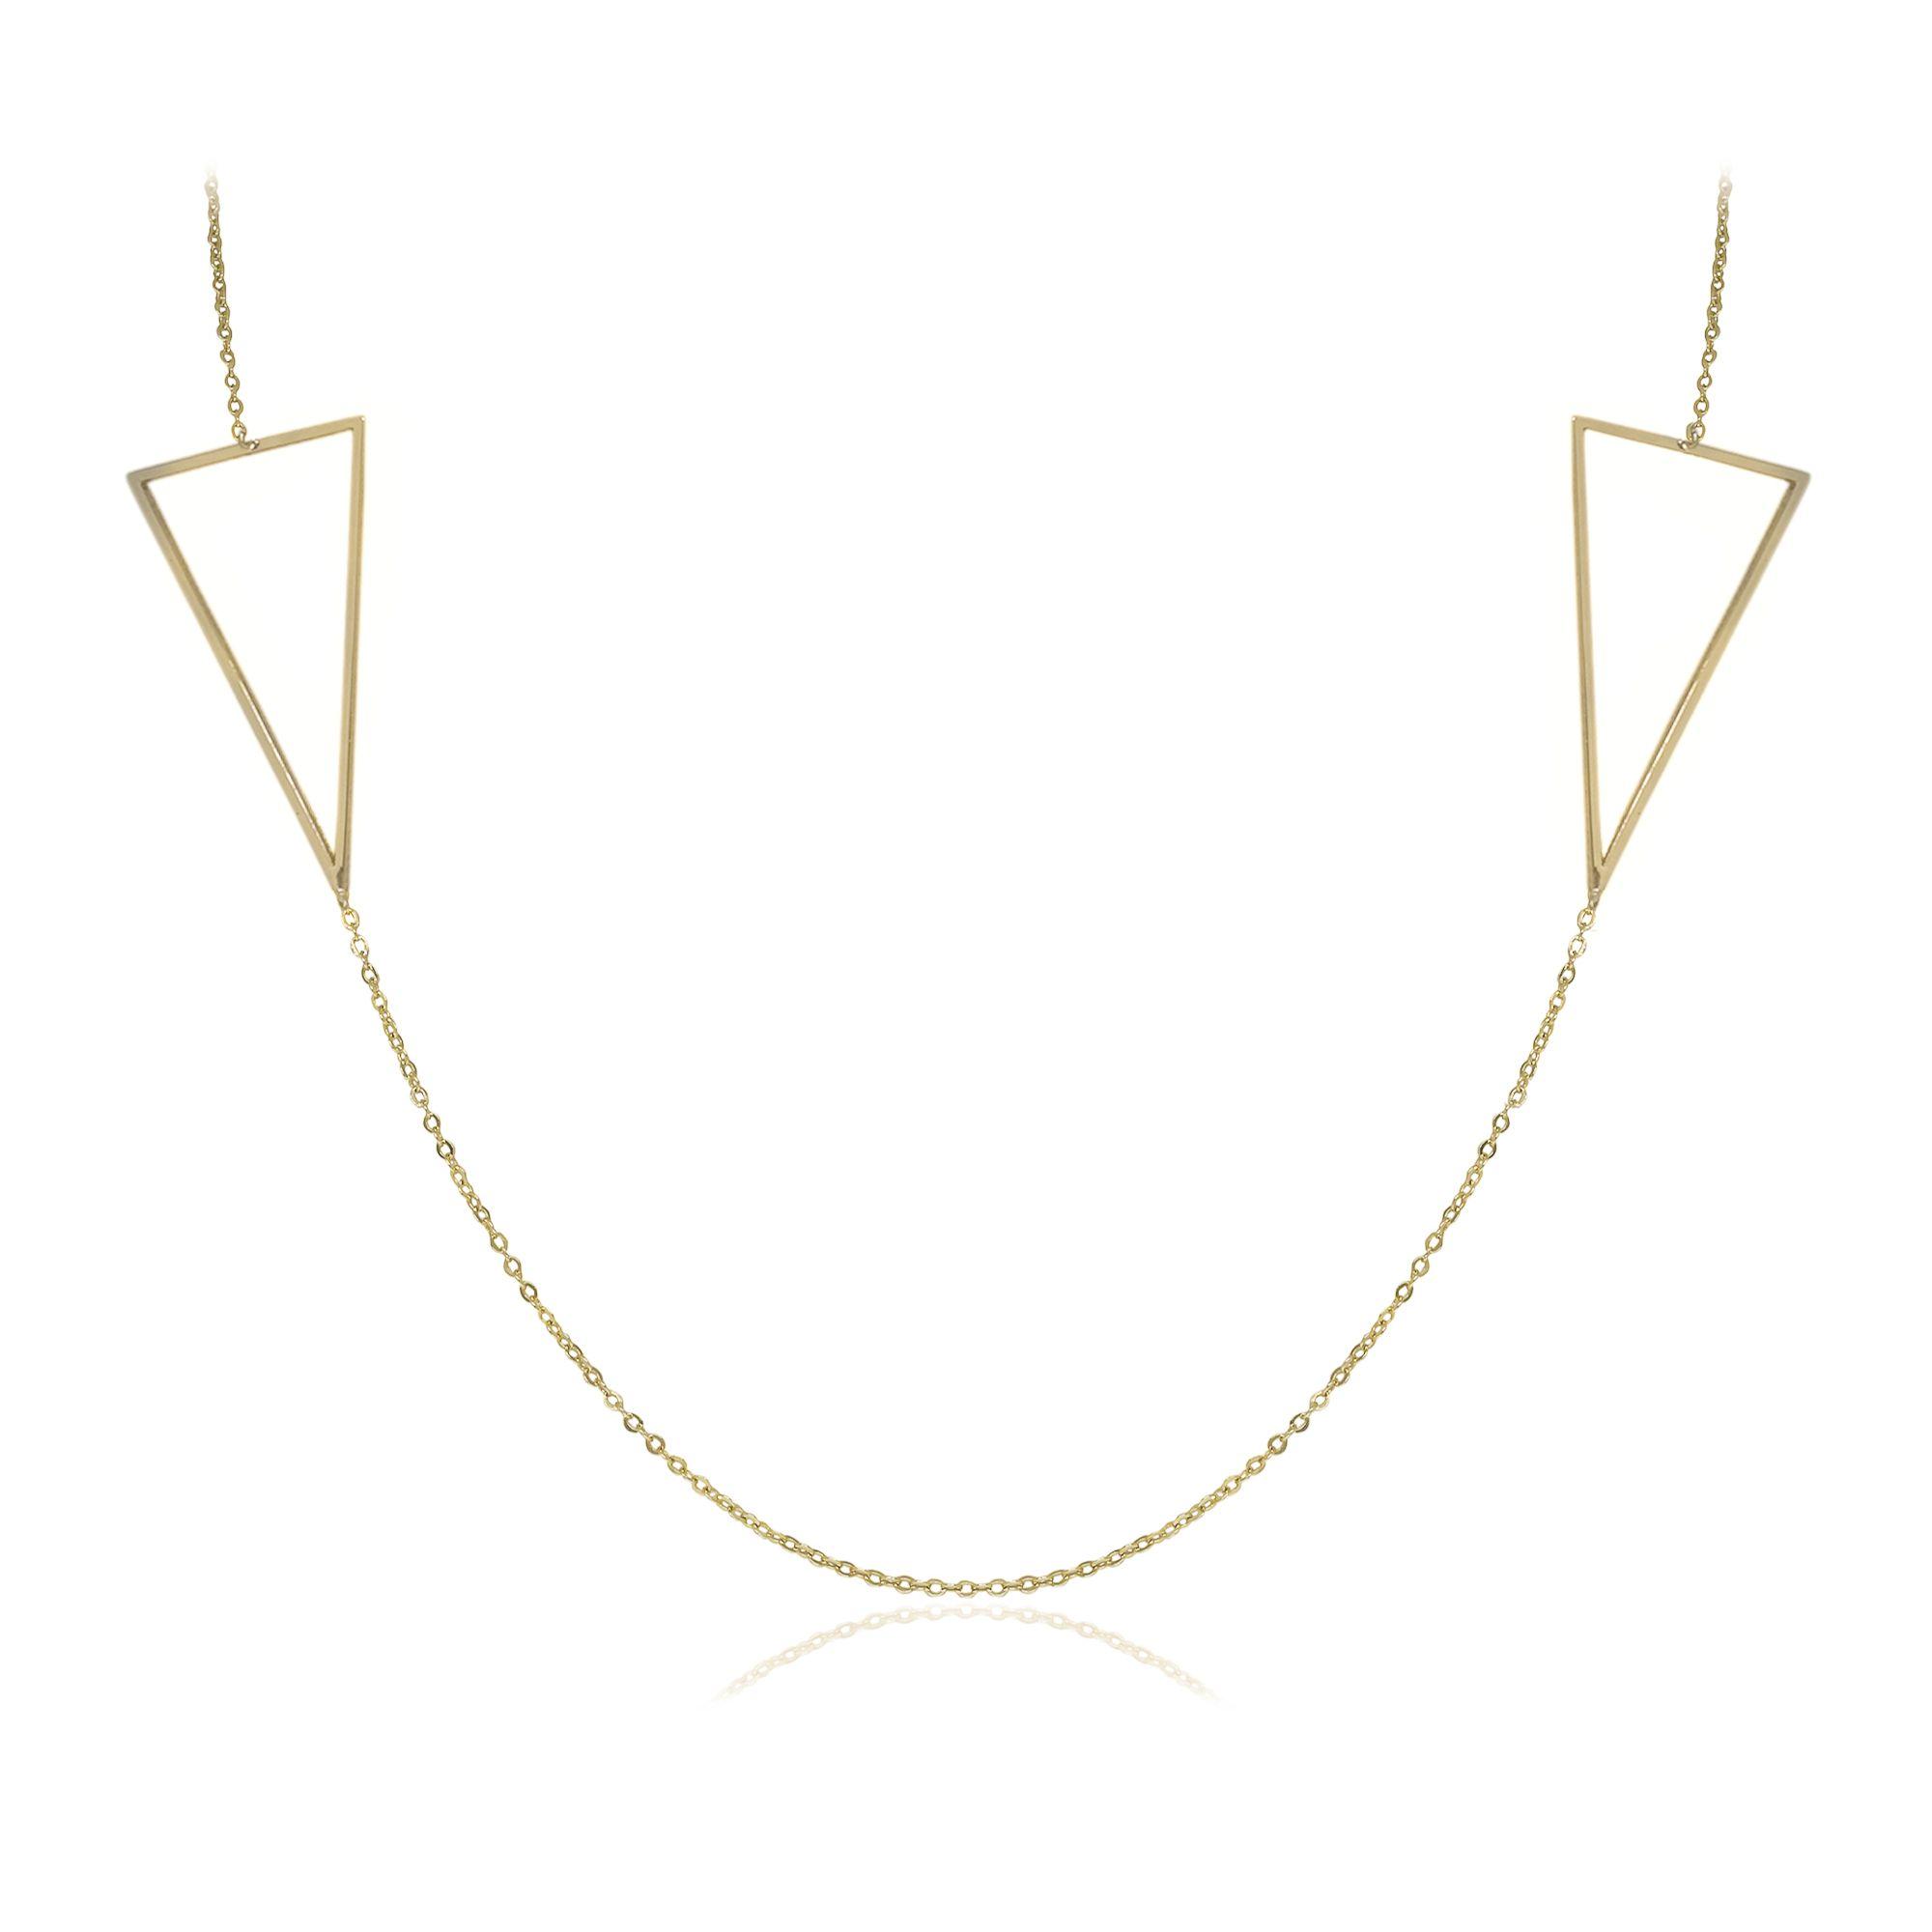 Colar Semi joia com detalhe  duplo triângulo vazado banhado a ouro  18k ou rhodium em estilo minimalista